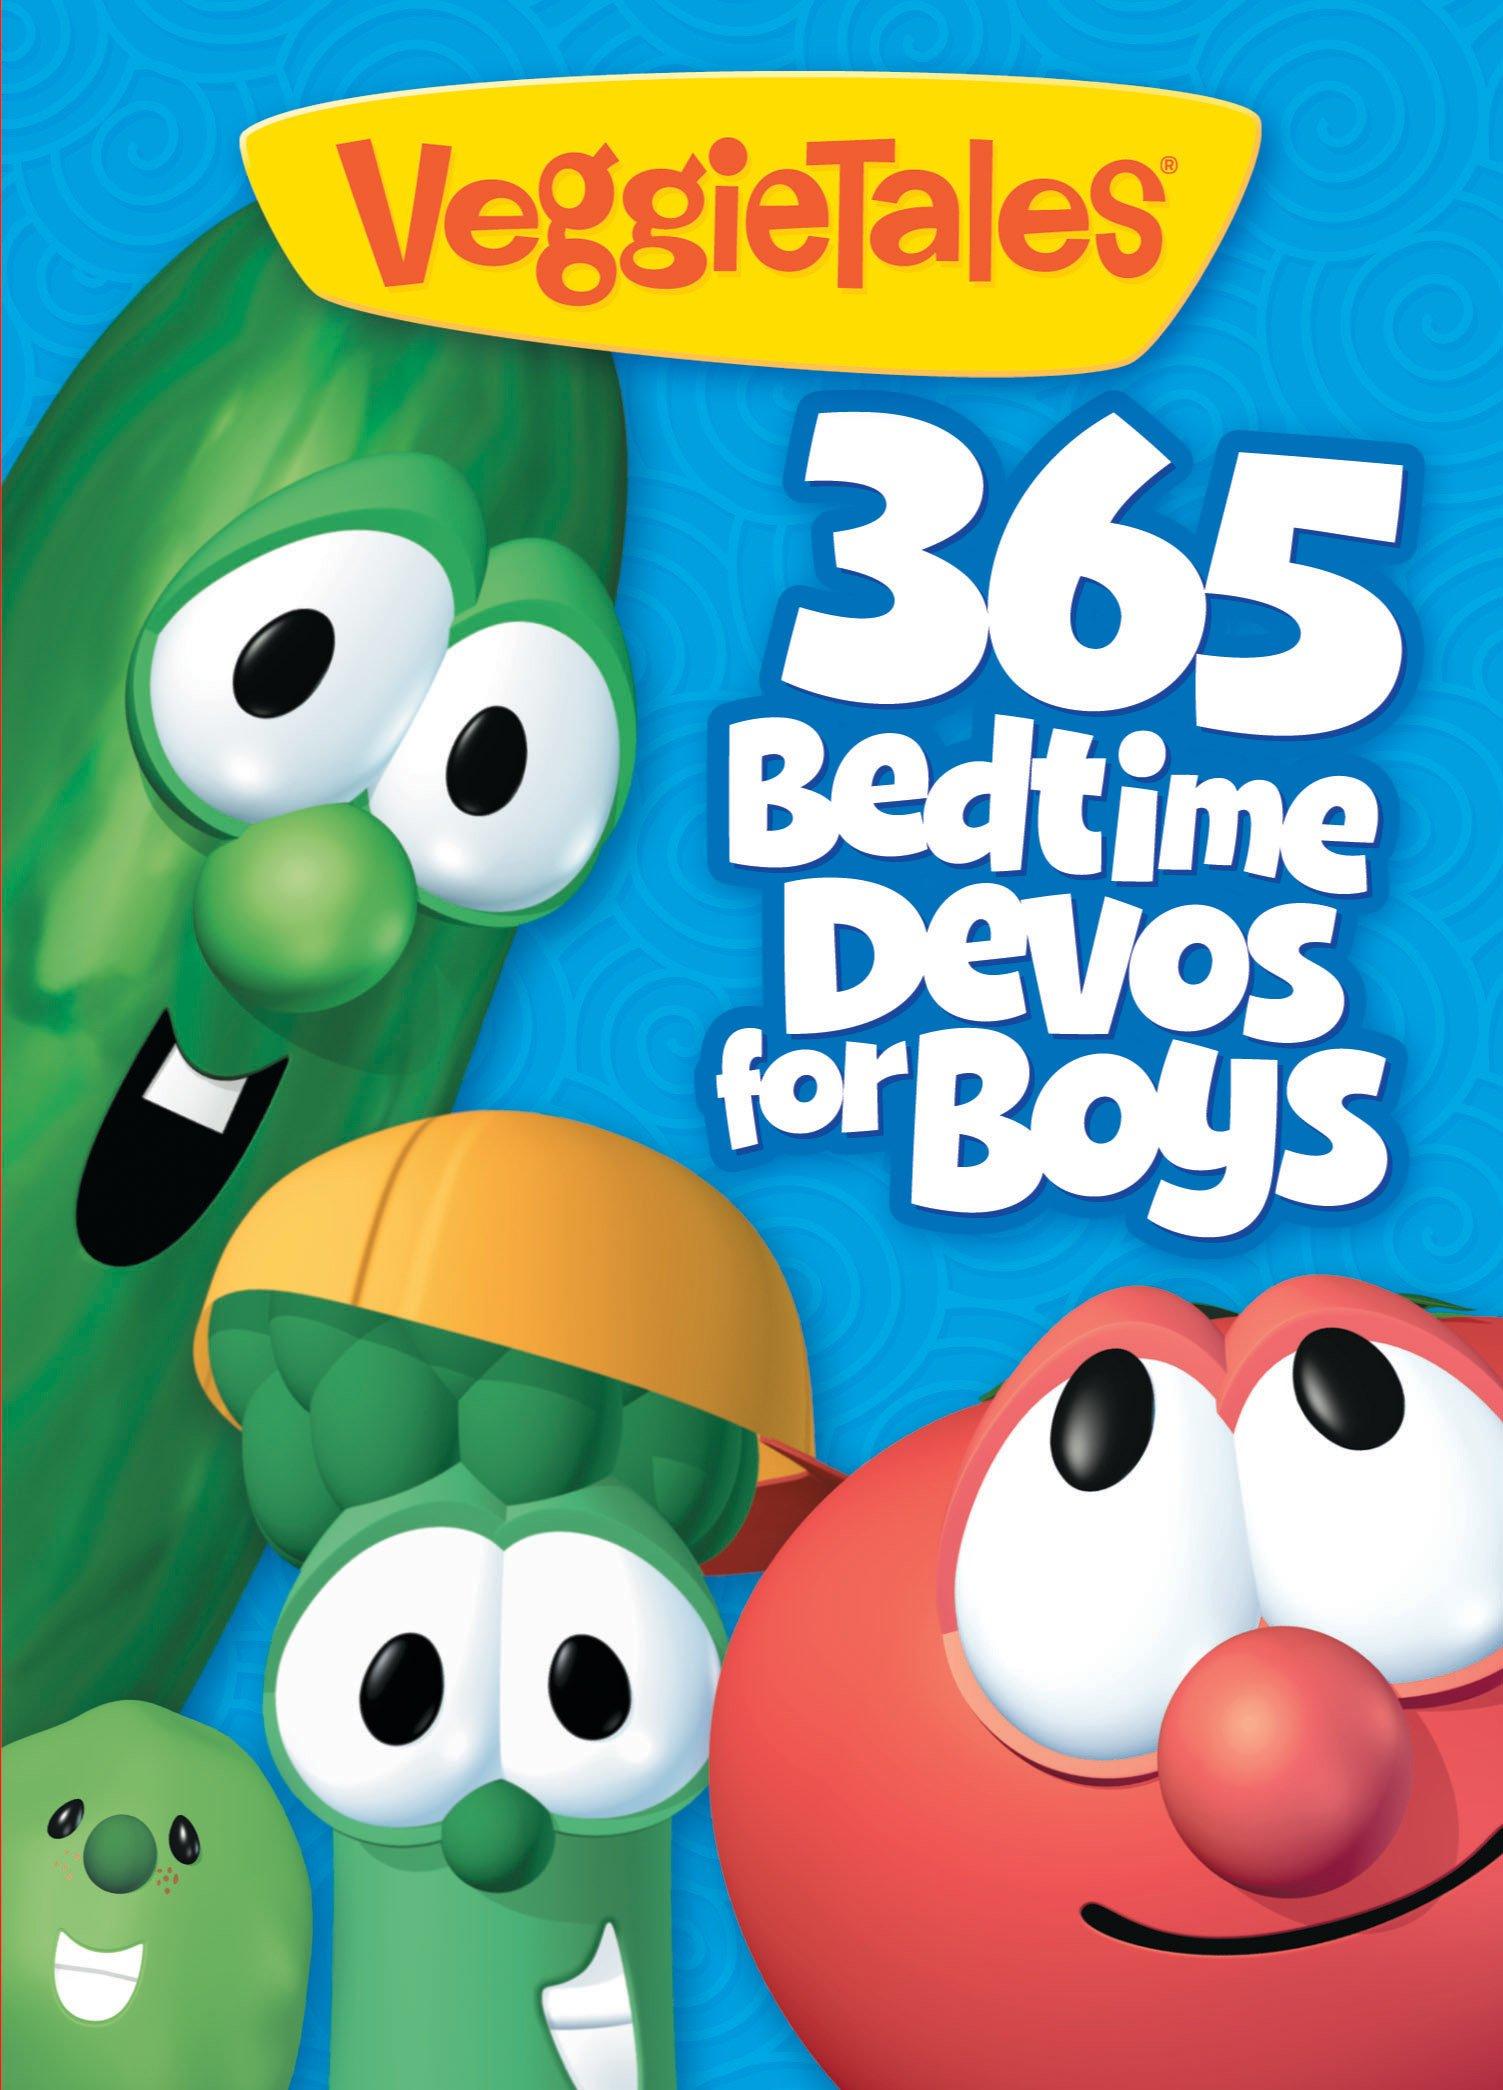 VeggieTales: 365 Bedtime Devos for Boys Paperback – January 20, 2012